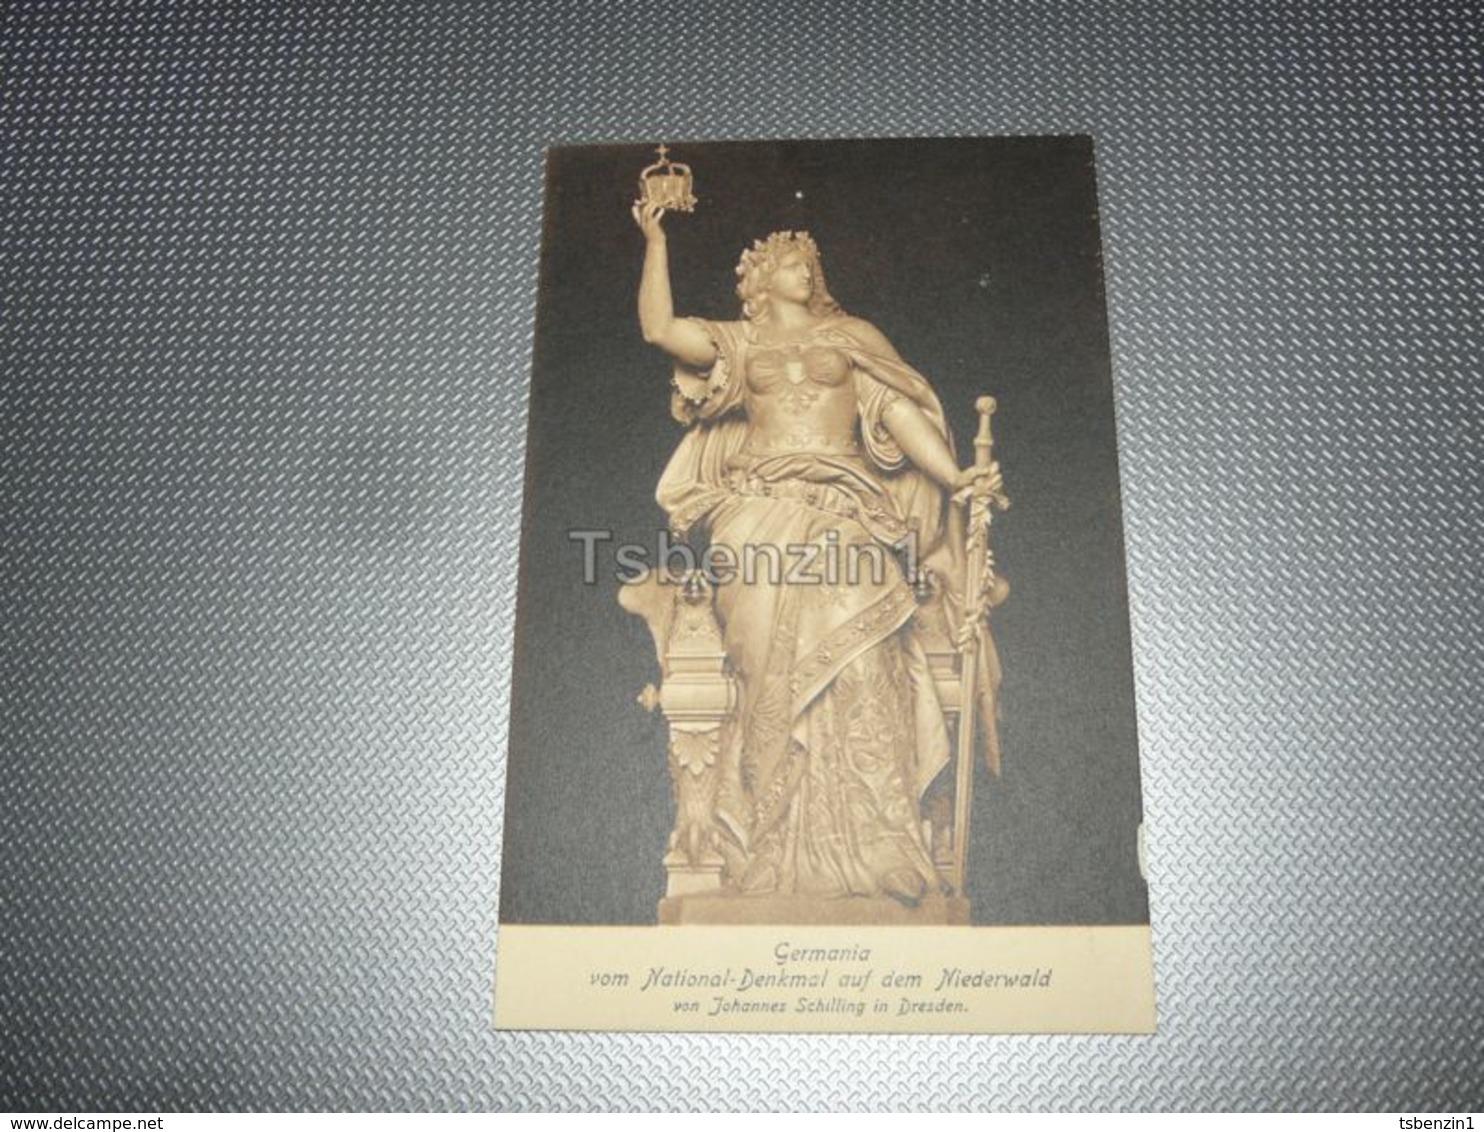 Germania Vom  National-Denkmal Auf Dem Niederwald Von Johannes Schilling In Dresden Germany - Dresden